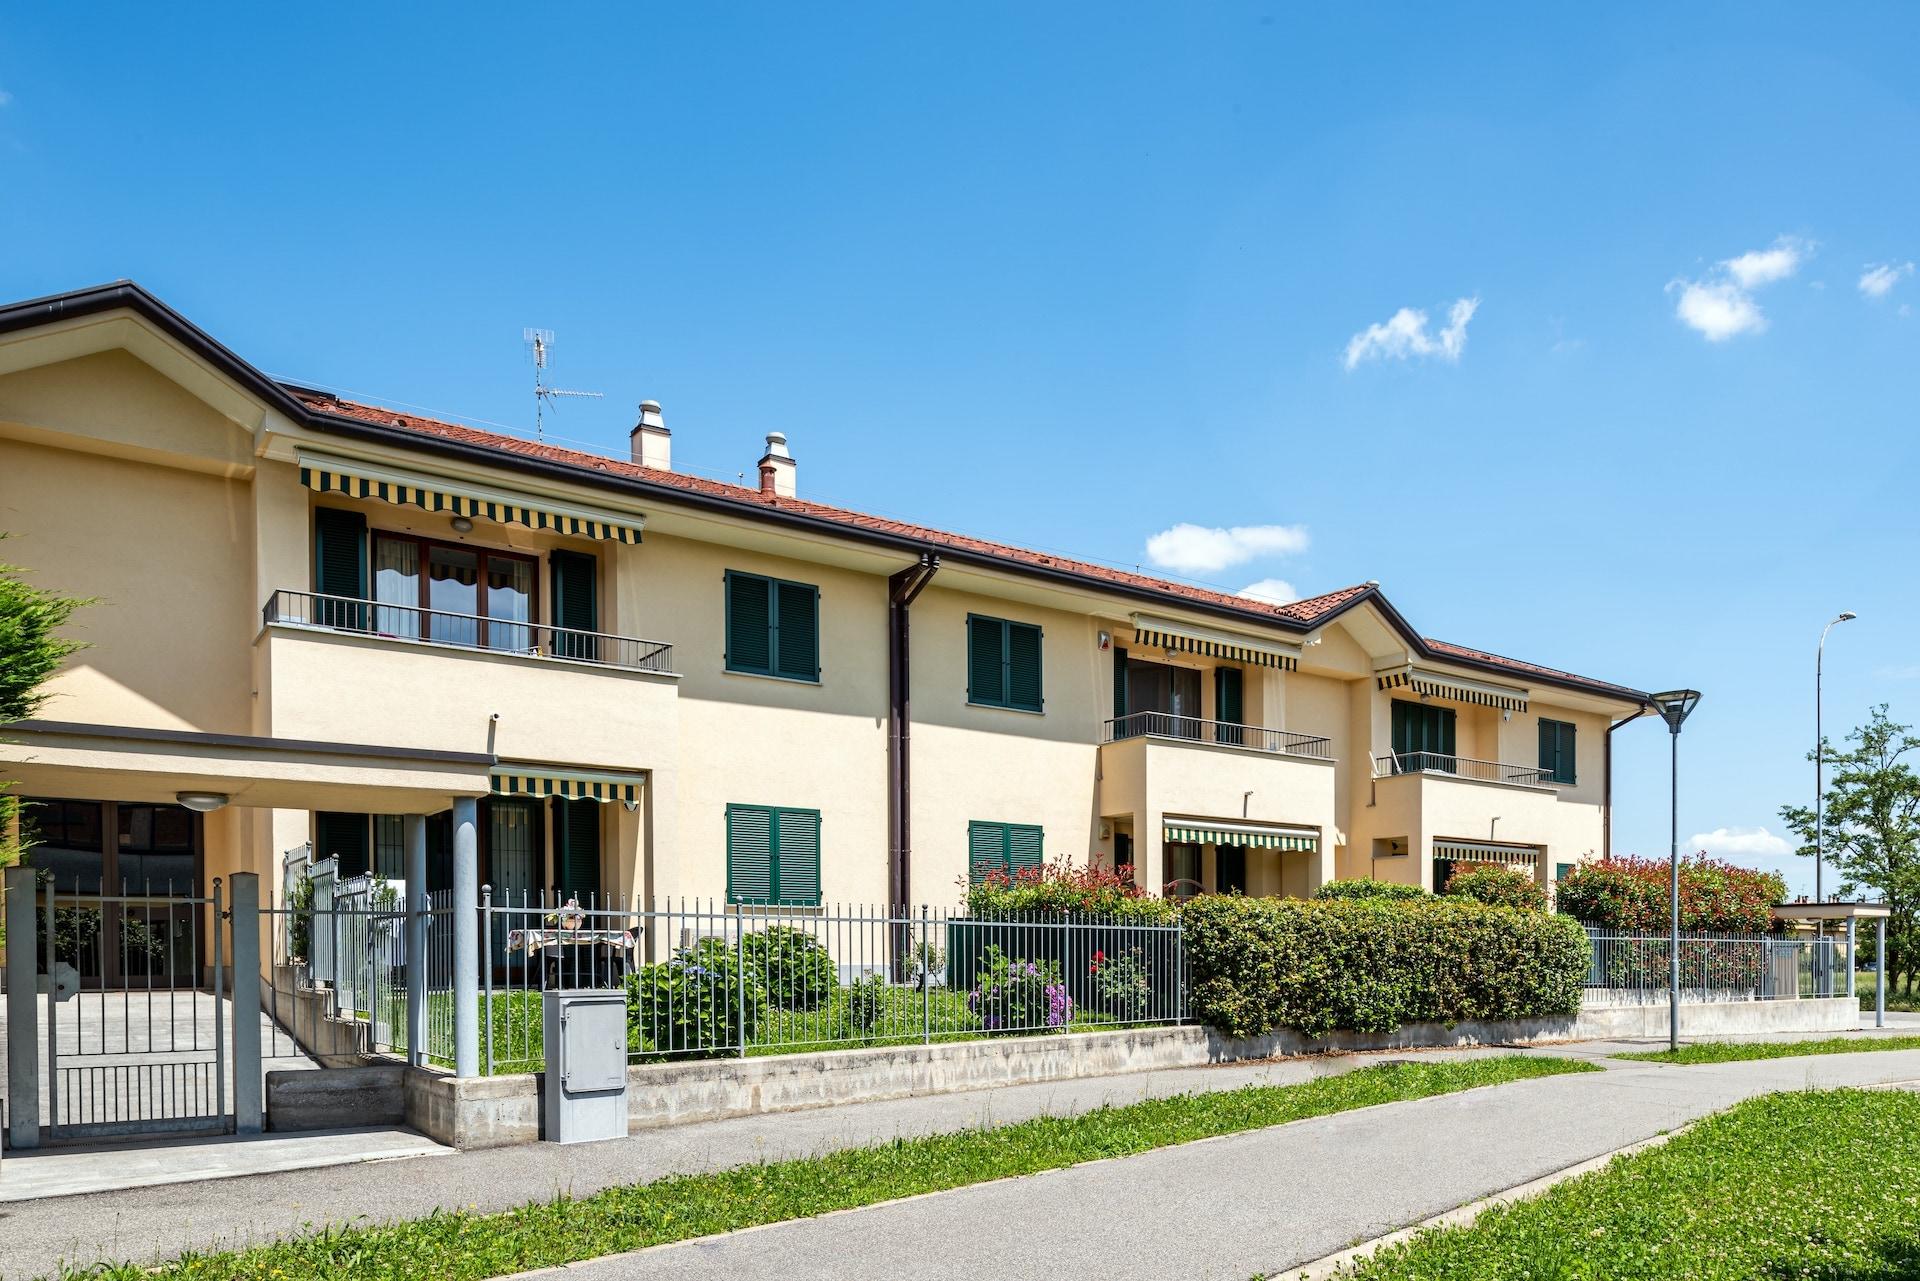 Condominio Il Melograno – Condominio Ai Boschi, via Tricino 89-89a-b-c e via dei Boschi 28-30-Nerviano (2)